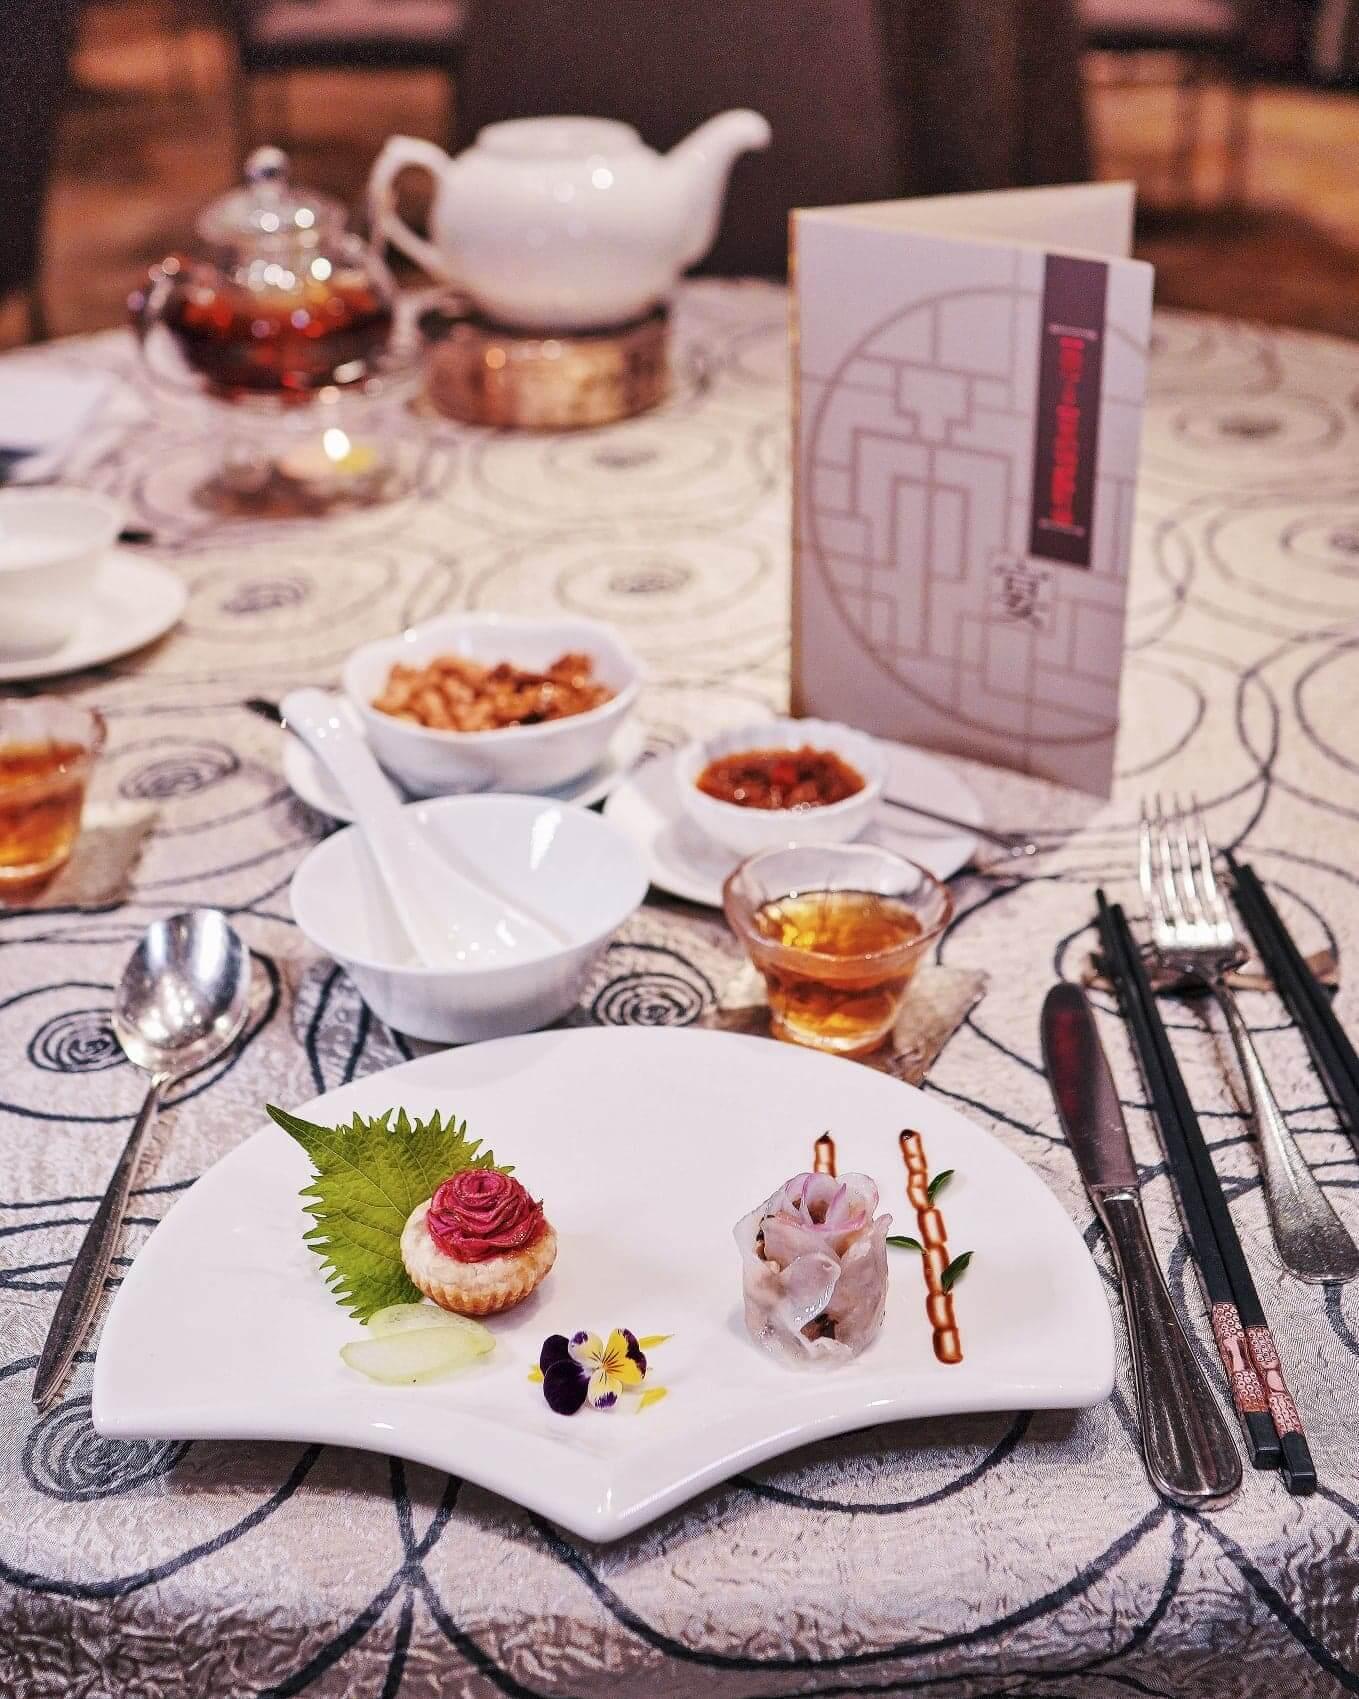 以作品《紅玫瑰與白玫瑰》創作嘅紅影金酥.瑰麗花餃。